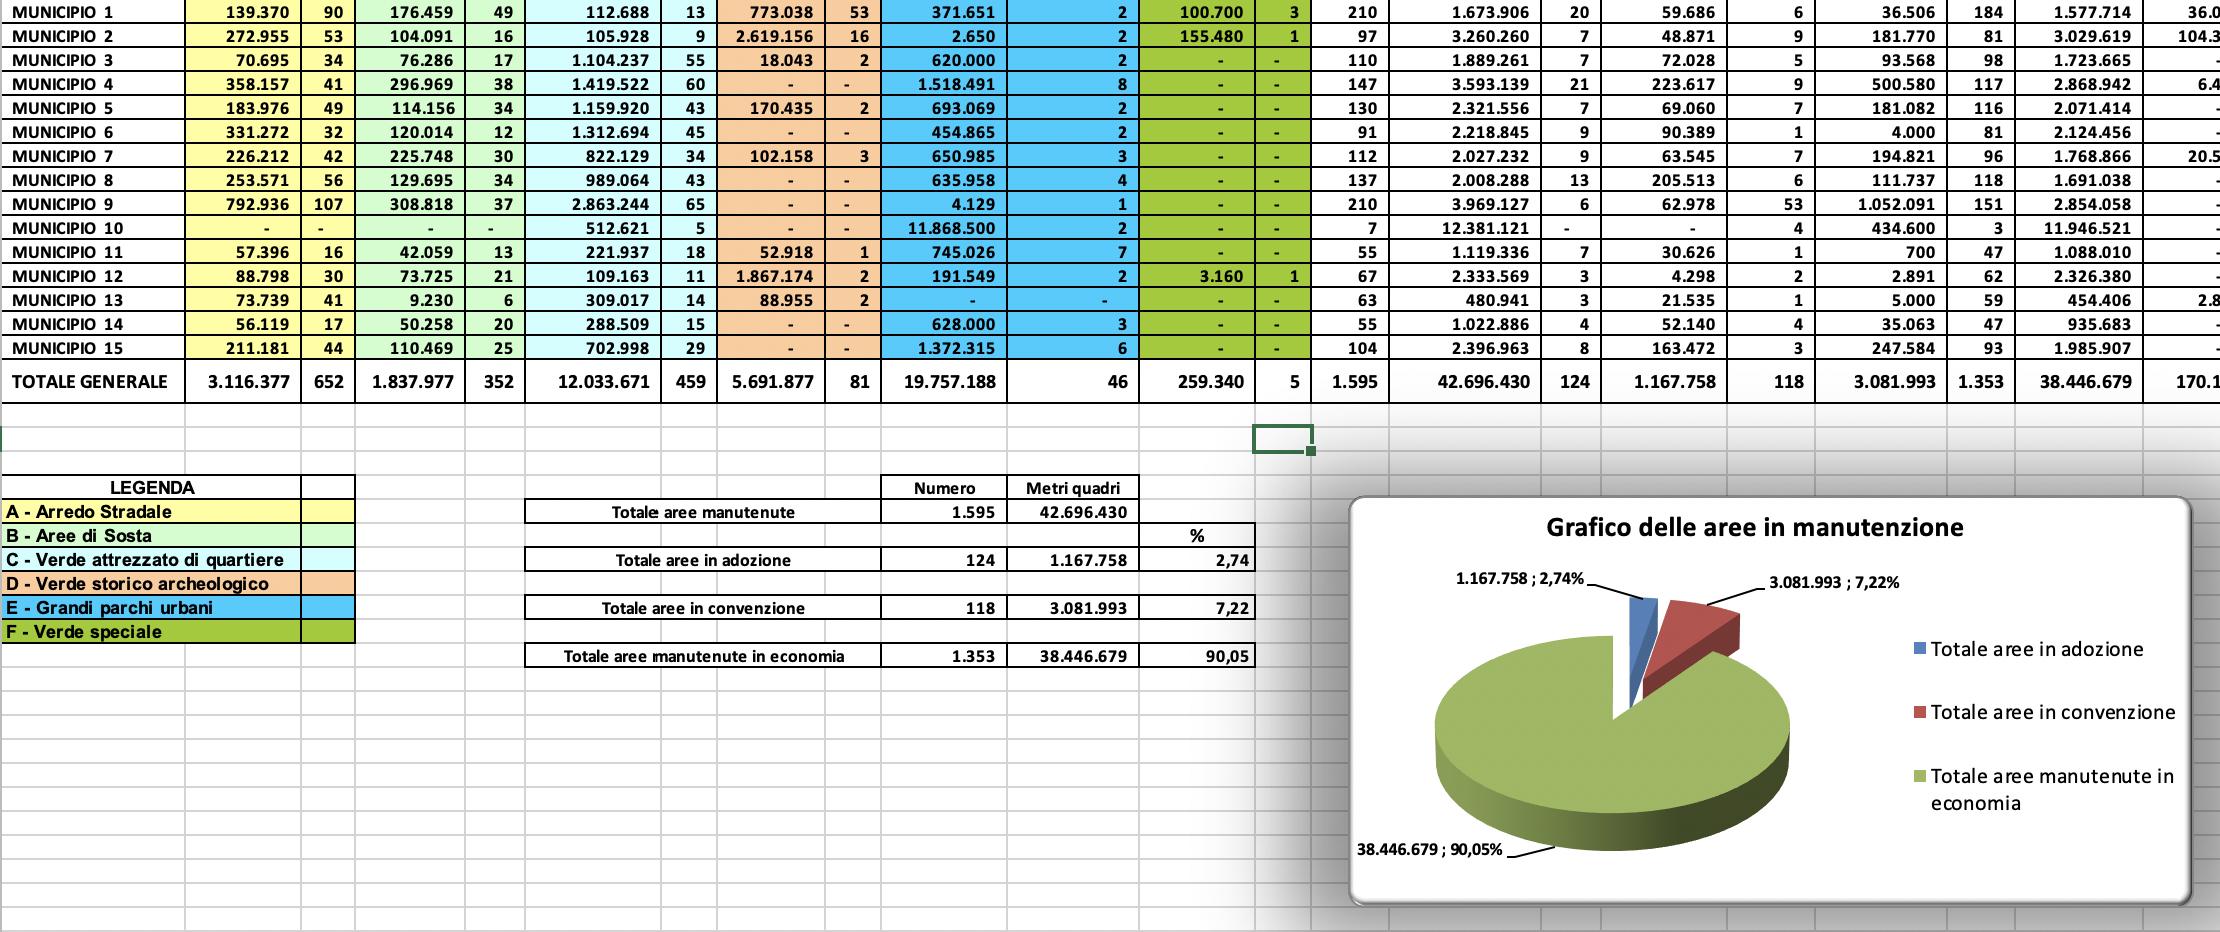 riepilogo generale mappatura verde roma Schermata 2020-03-22 alle 09.09.55